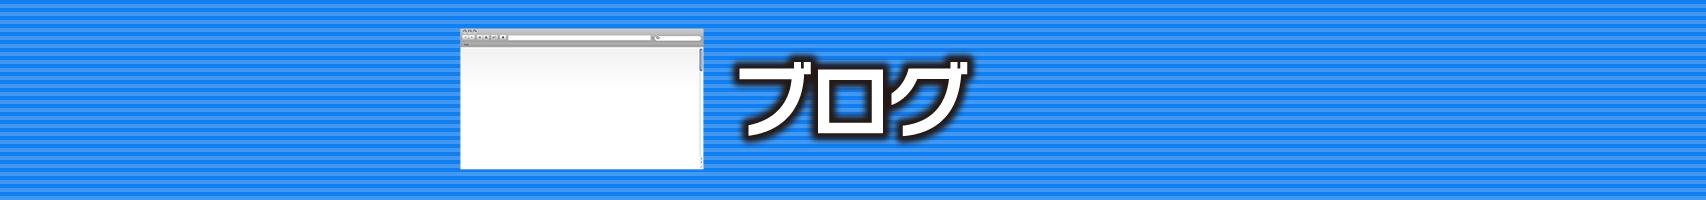 7/21(土)の福島芝・トニービン祭りをスマート出馬表で確認してみた!/スタッフのつぶやき